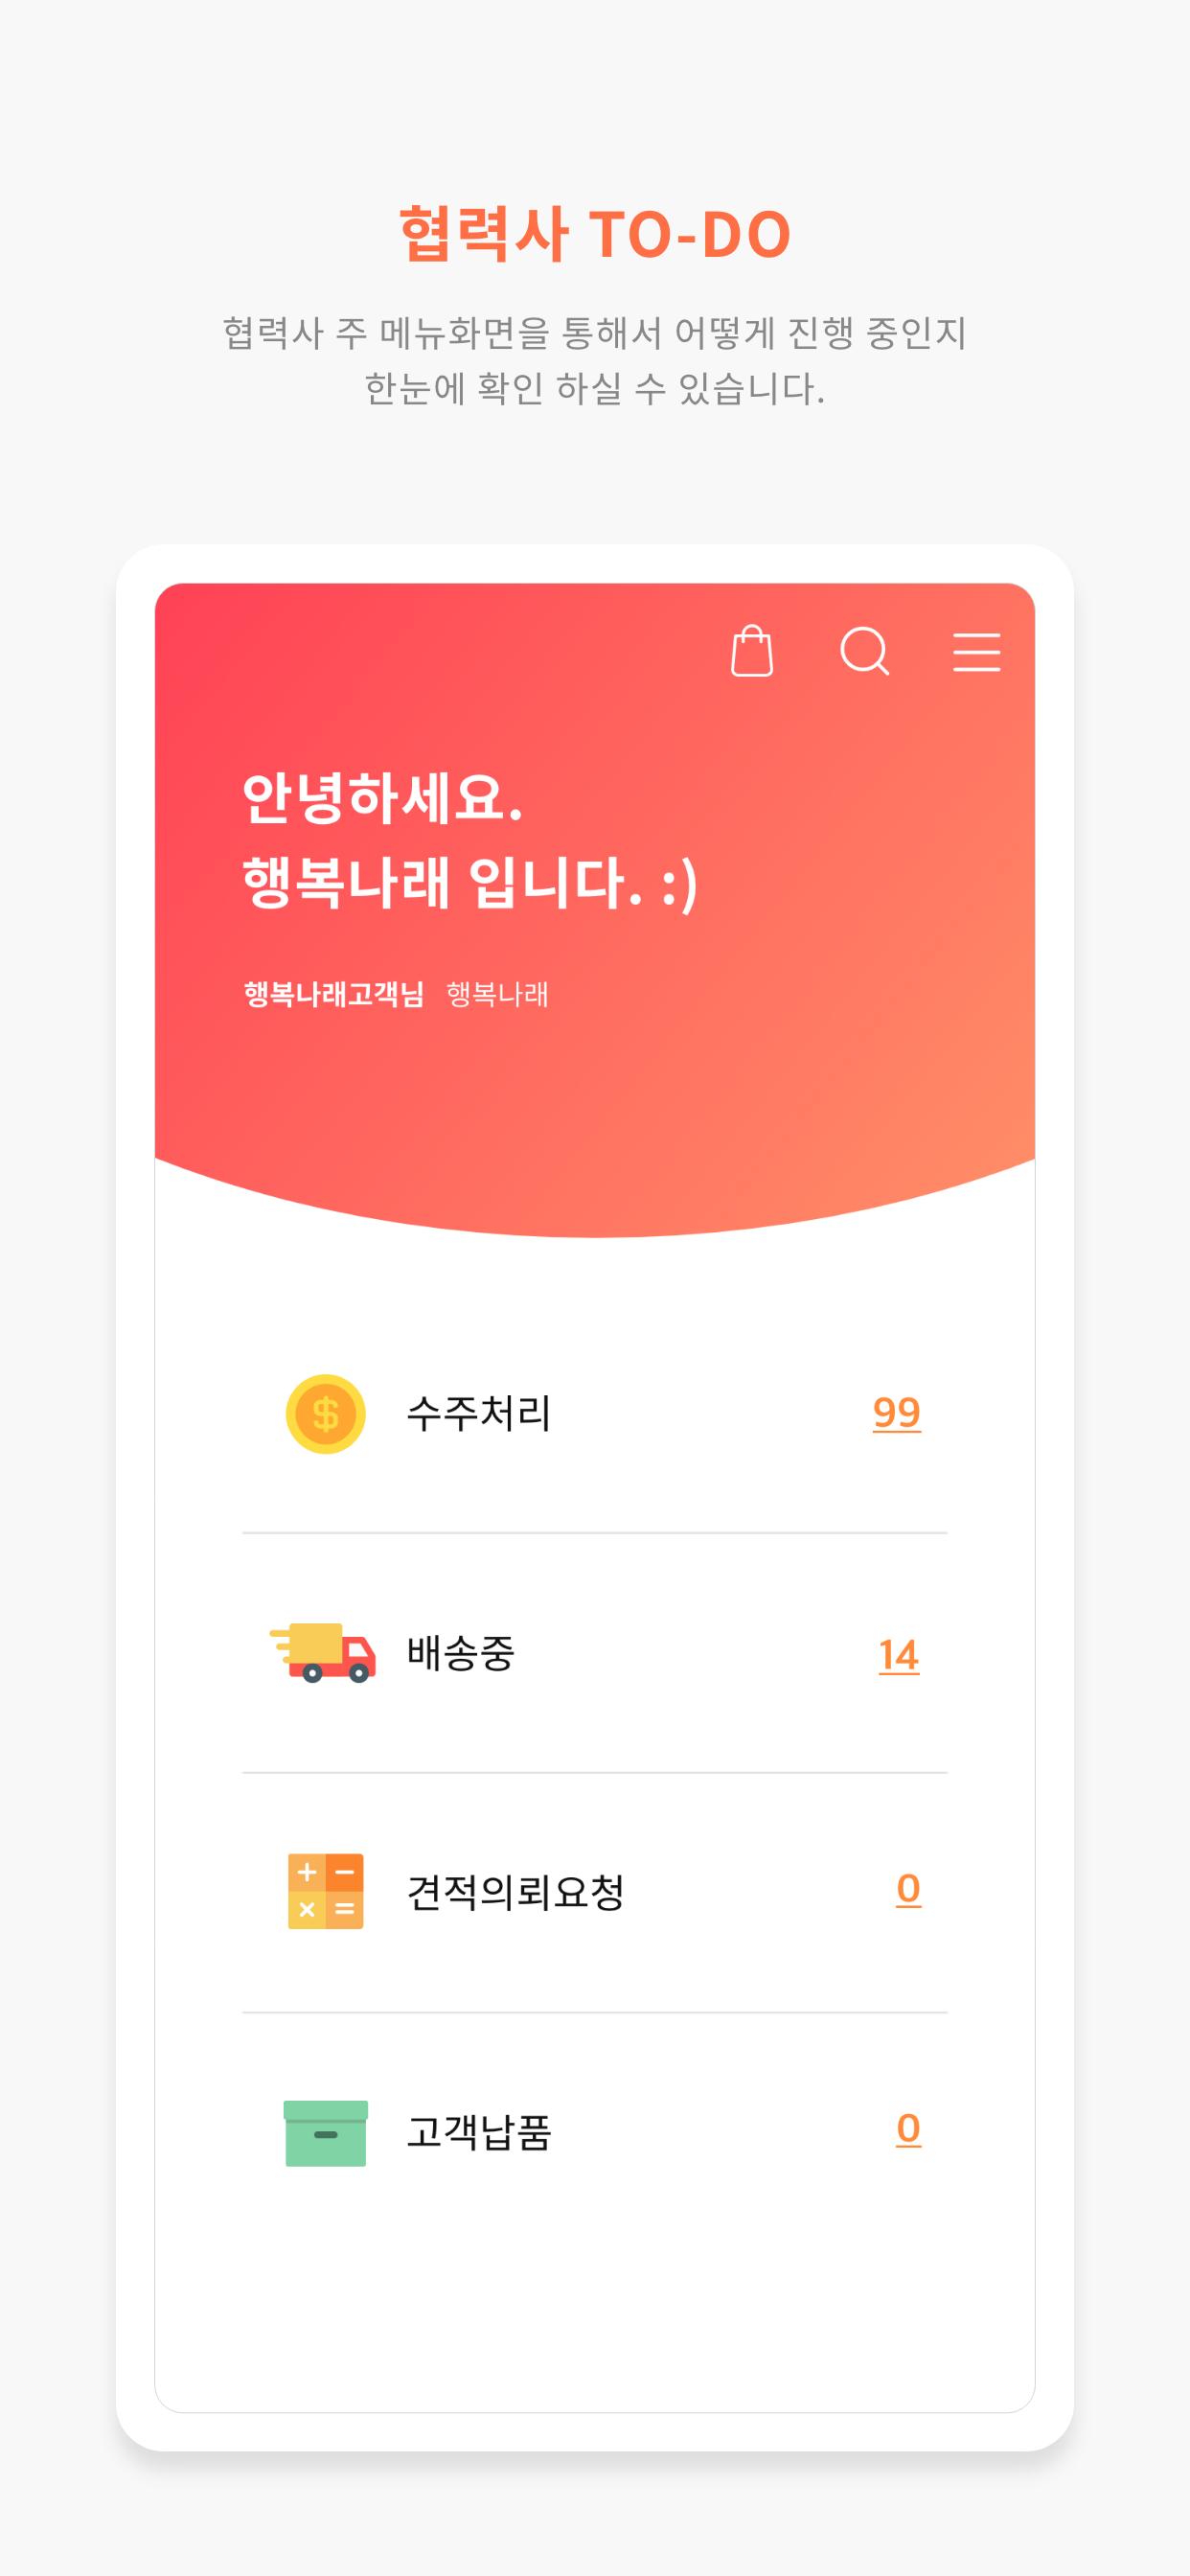 행복나래 HAVIS 모바일 시스템 구축 개발 업무_3